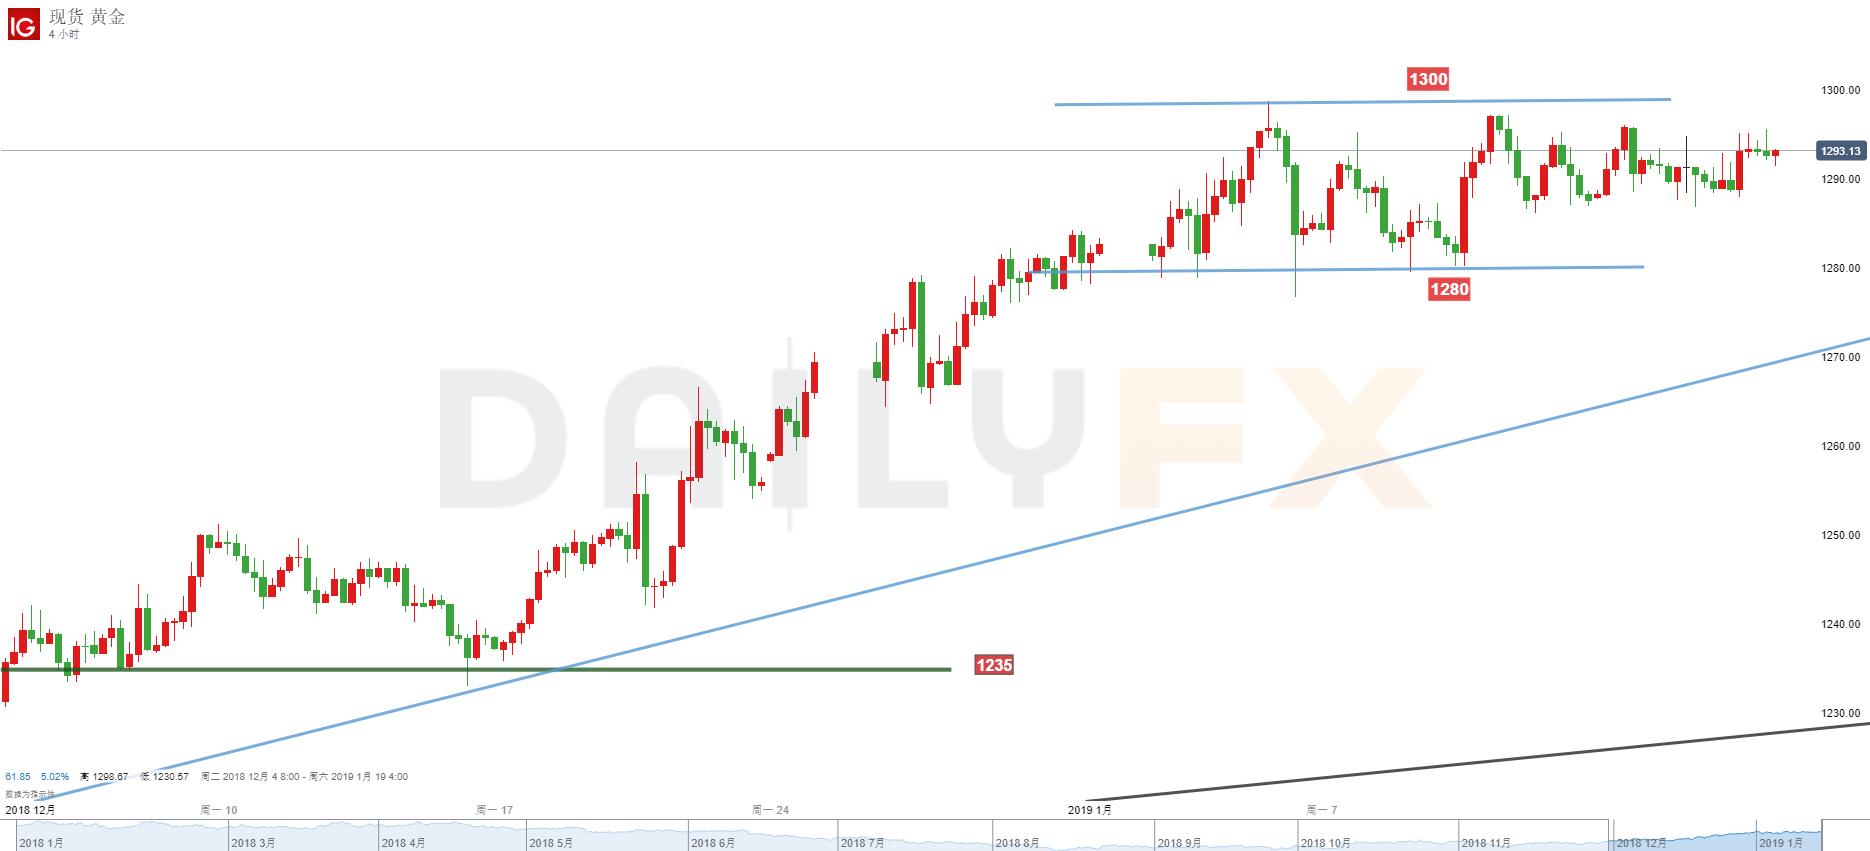 黃金/美元技術分析:1280-1300橫盤不變,宜關注價格突破